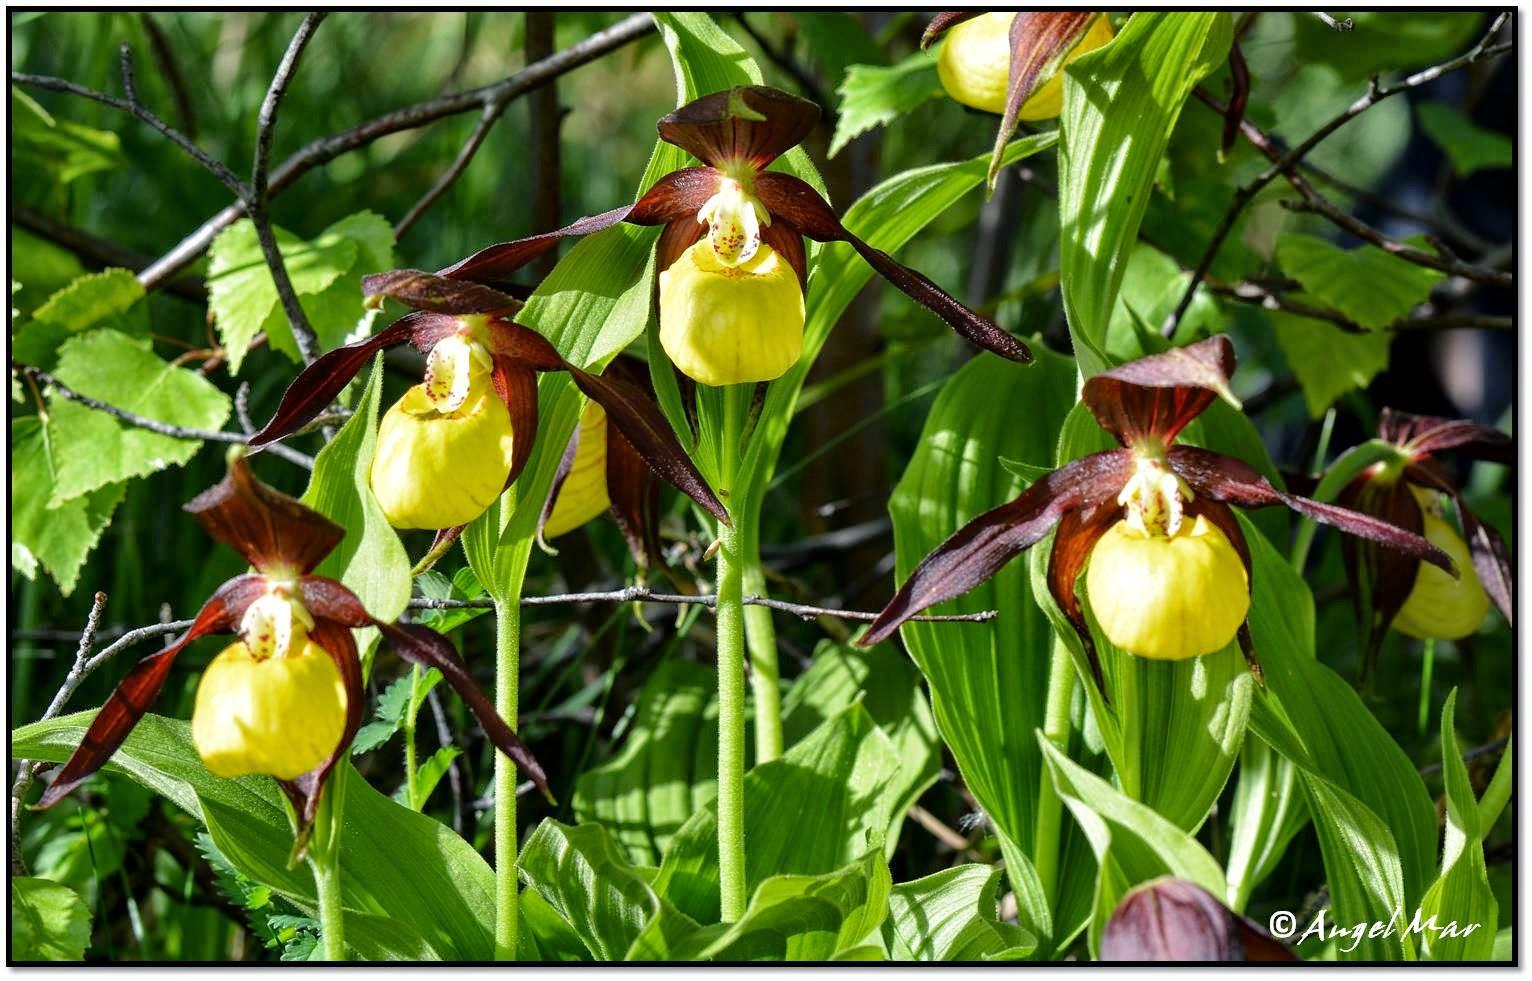 Es una de nuestras orquídeas silvestres más conocidas y aunque no es la más amenazada, ni la más escasa, en la actualidad su presencia se limita a sólo 3